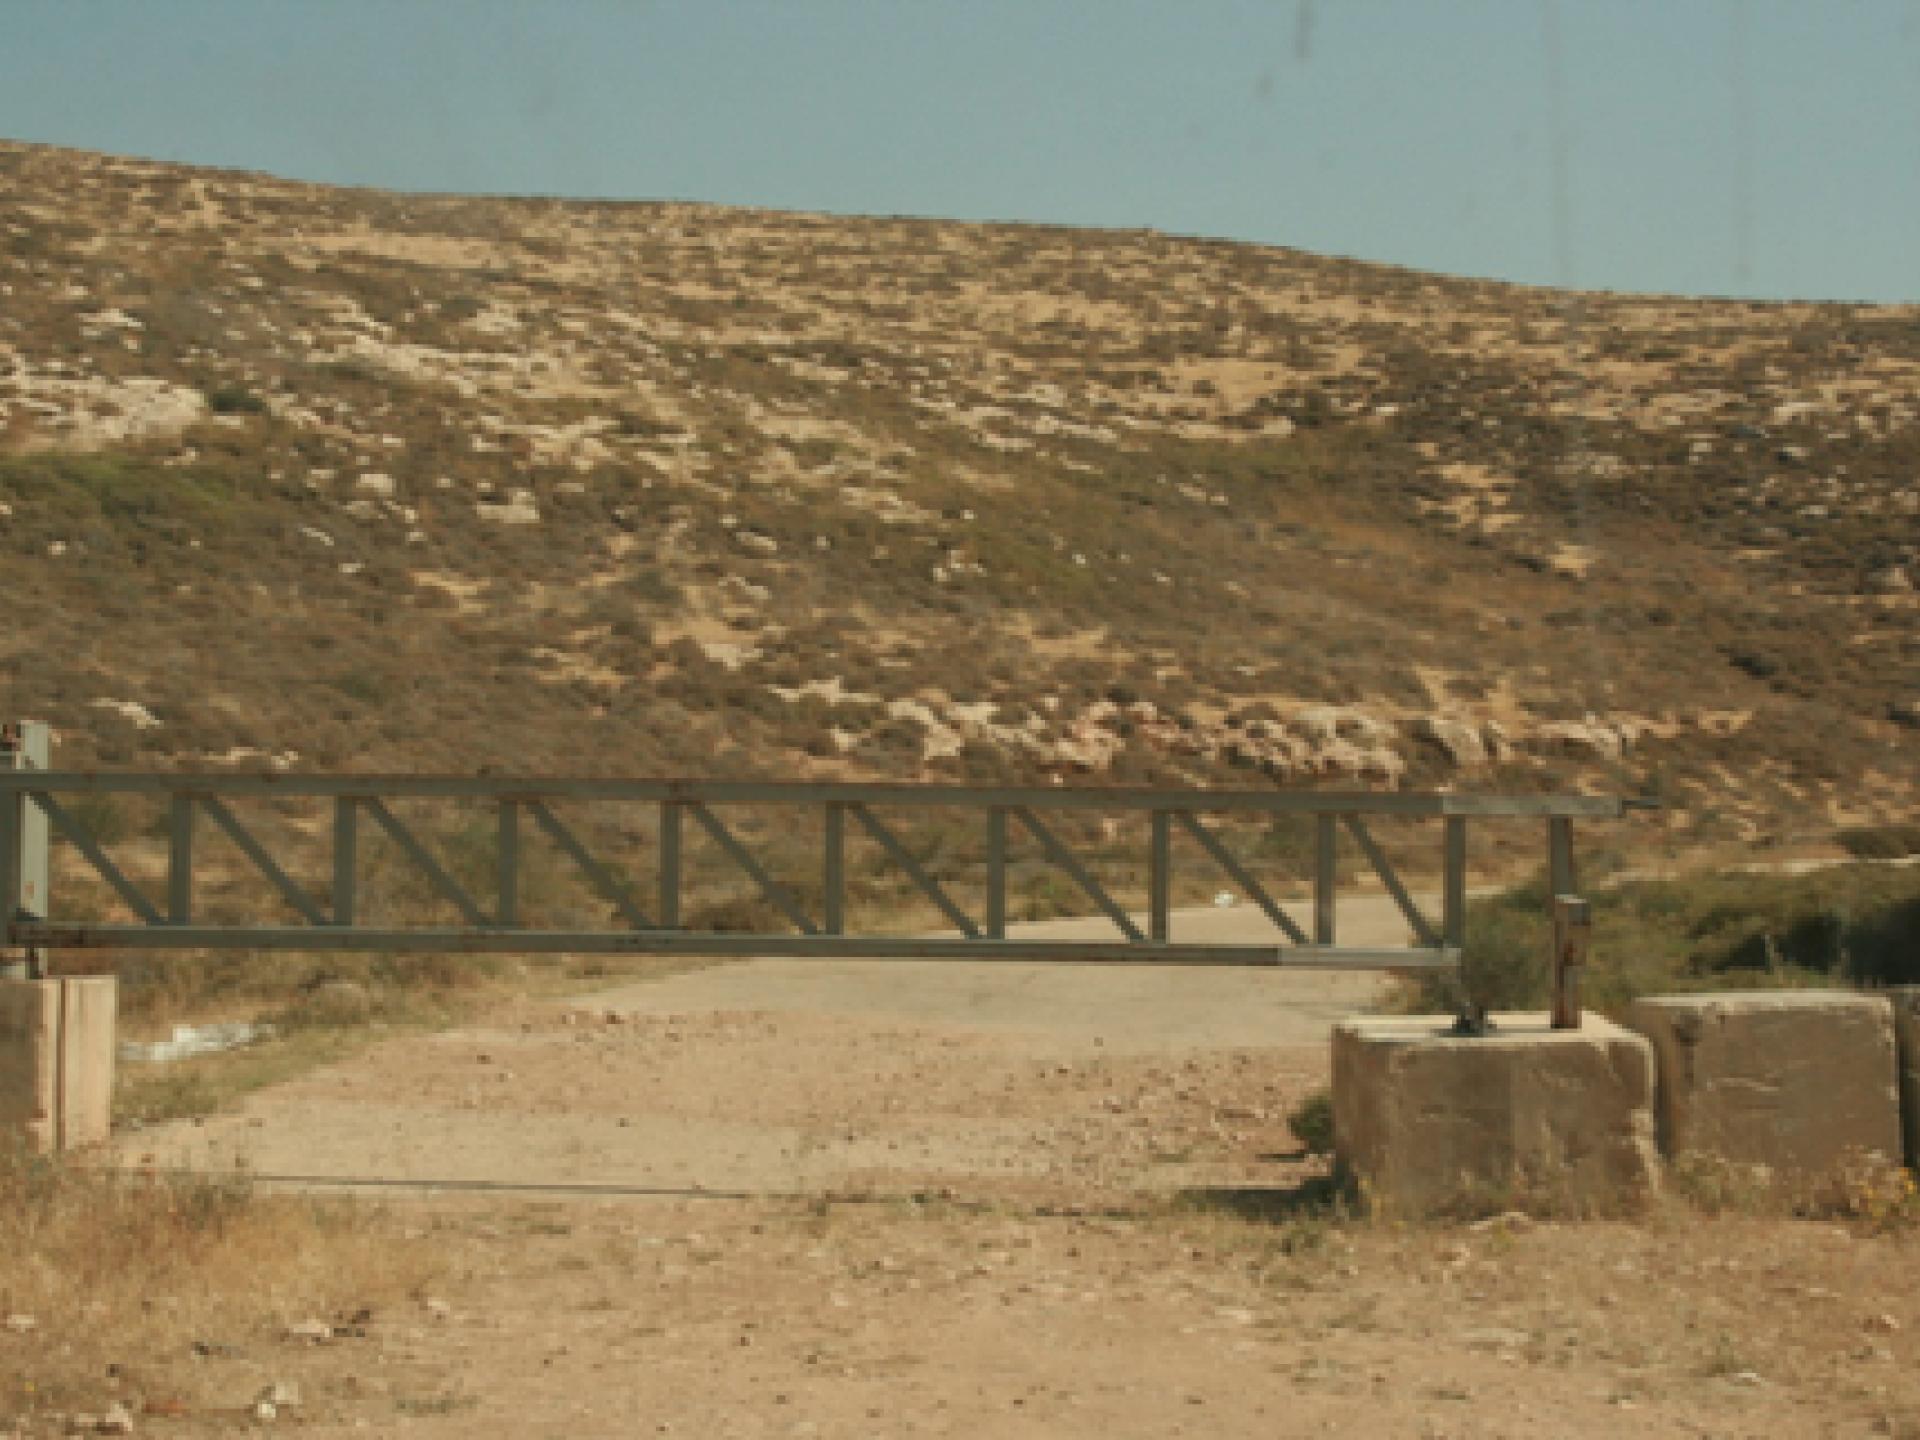 הכביש החסום בין התנחלות טנא עומרים לדהריה